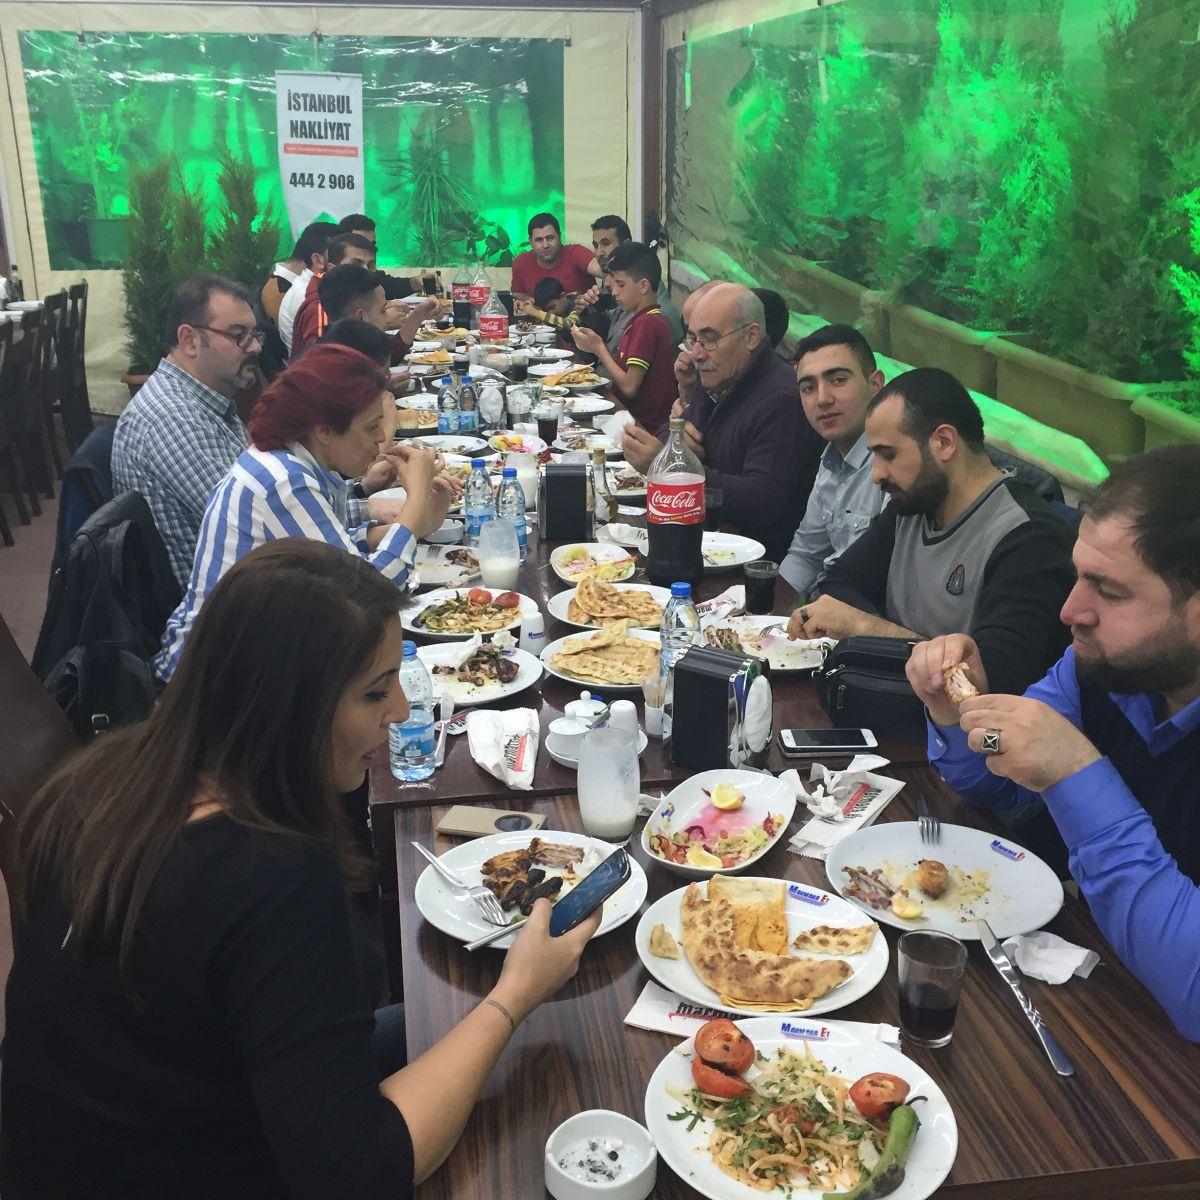 istanbul asansörlü nakliyat şirket yemeği